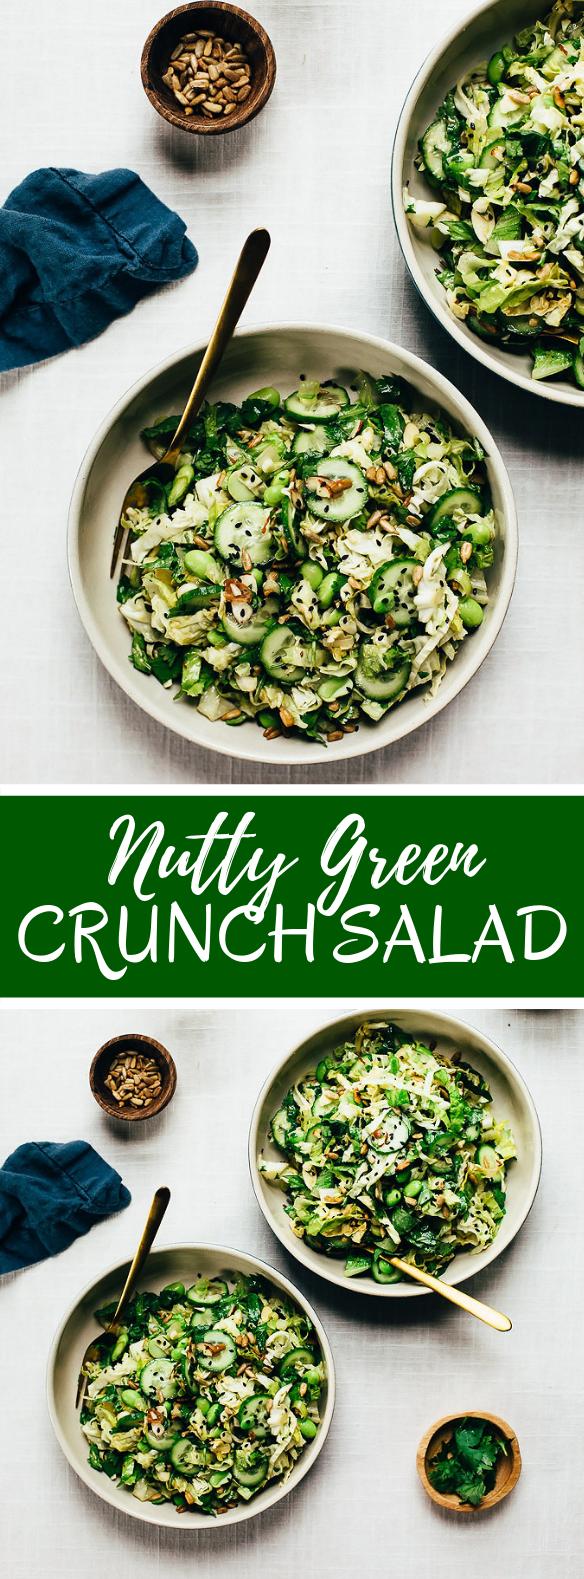 NUTTY GREEN VEGGIE CRUNCH SALAD #vegetarian #veggies